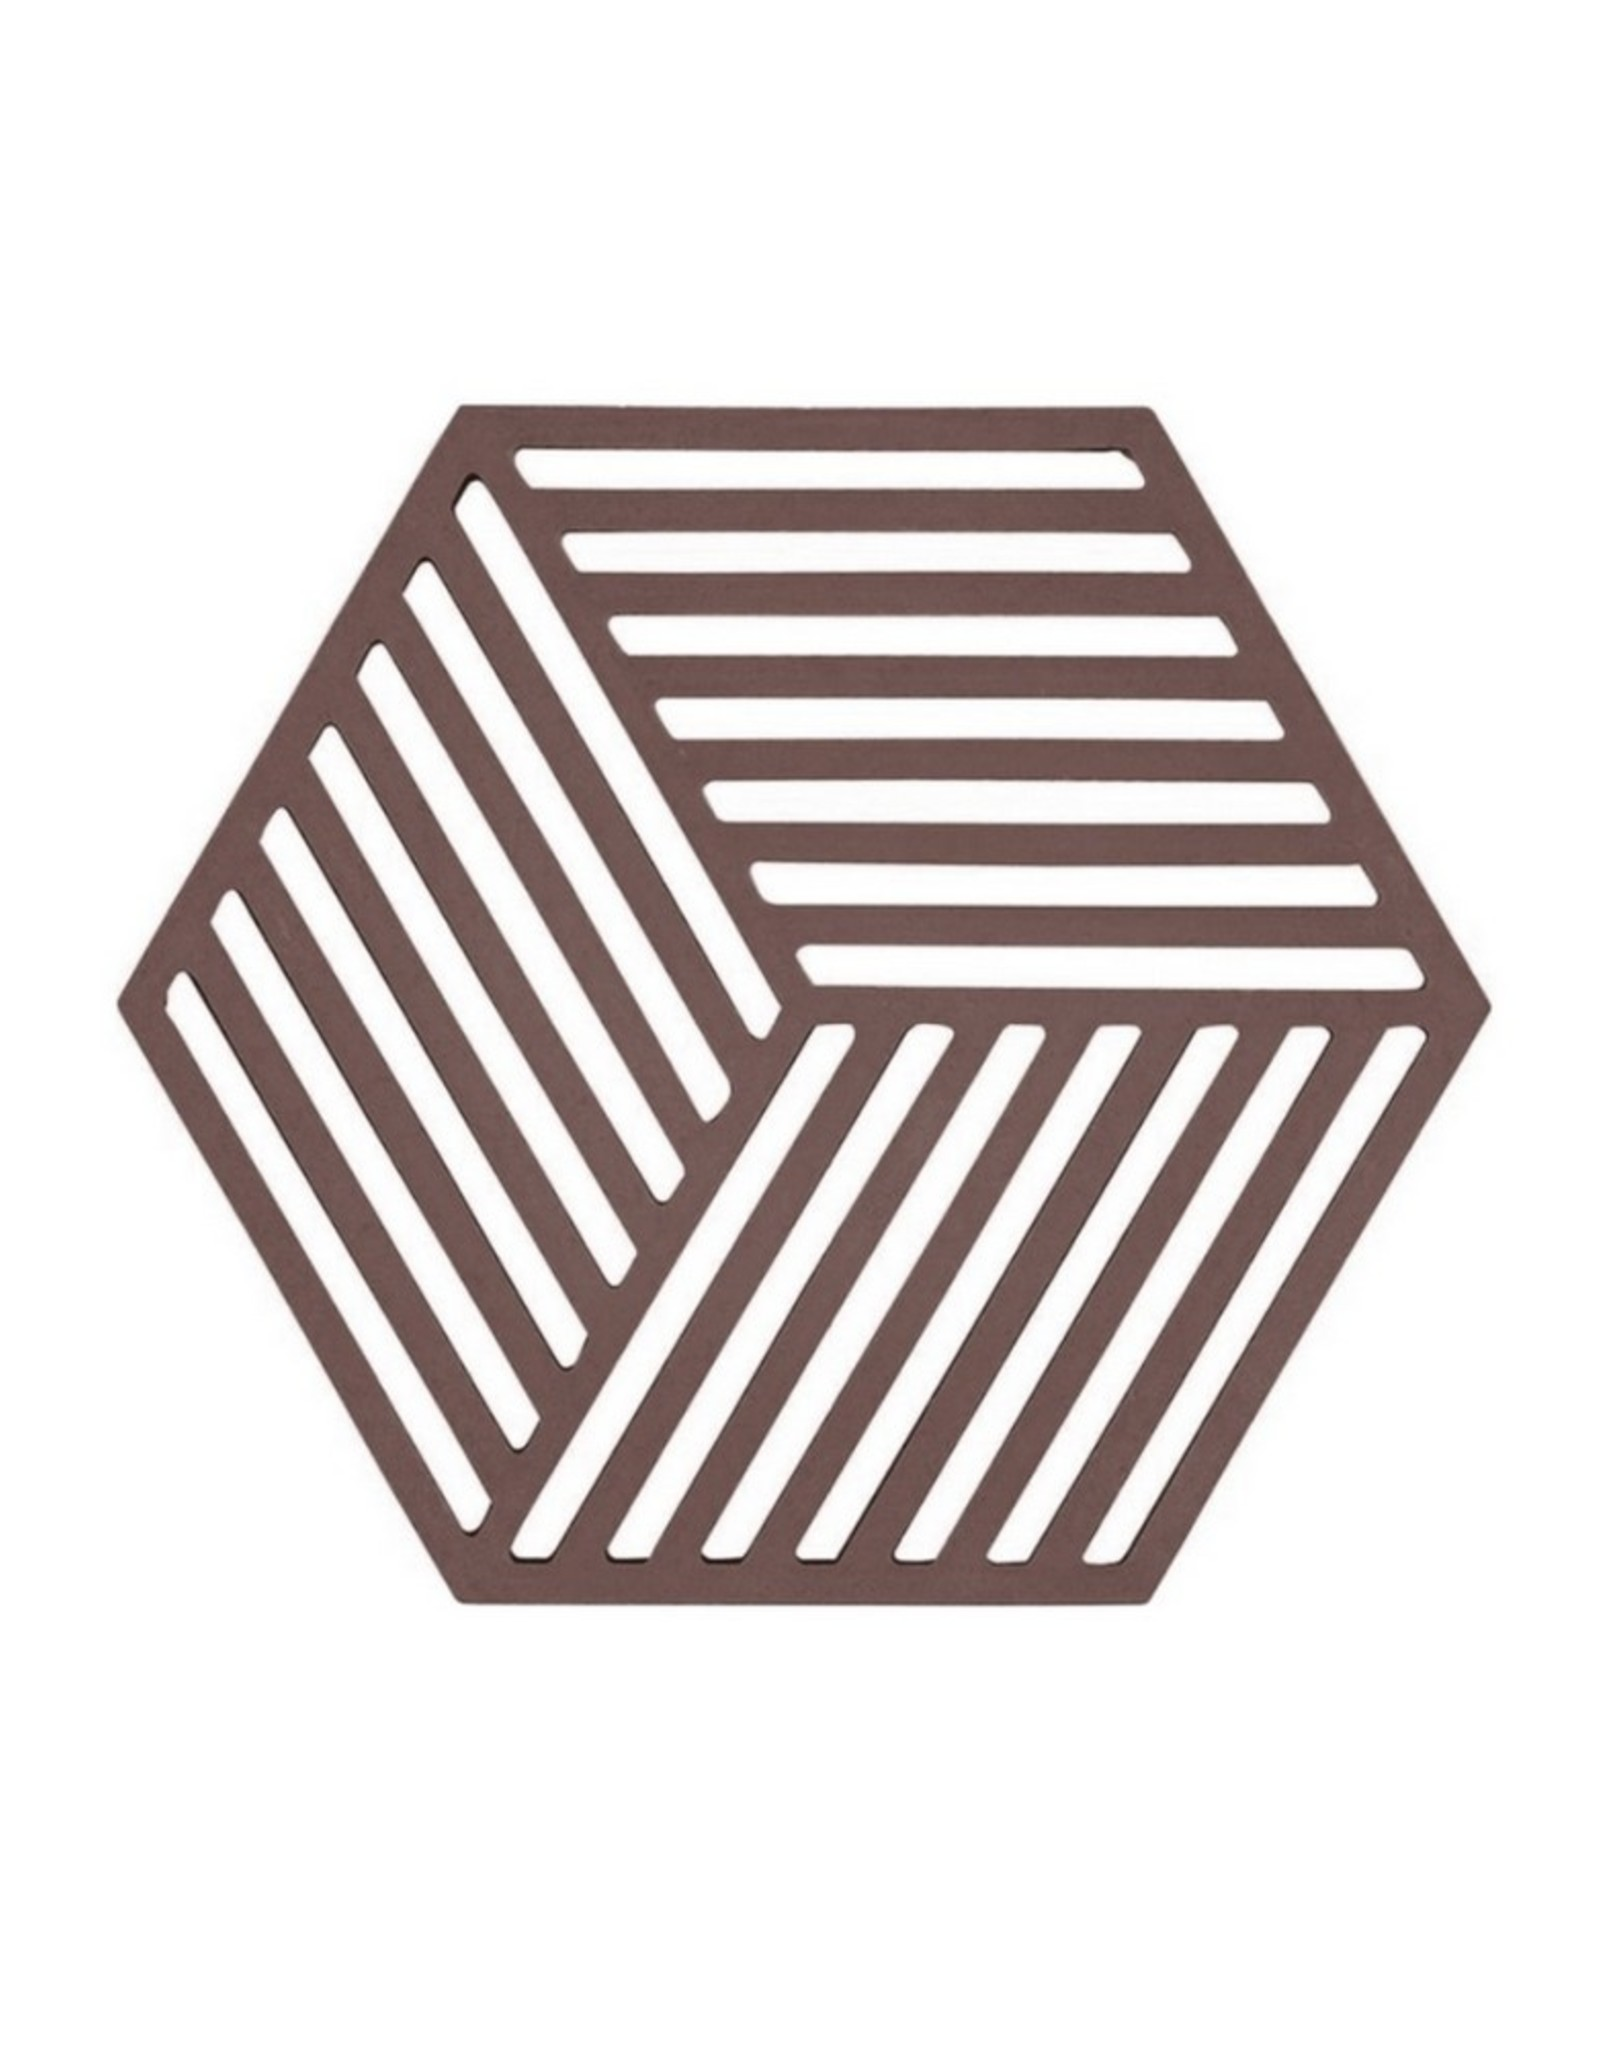 ZONE Denmark Pannenonderzetter Hexagon Chocolate